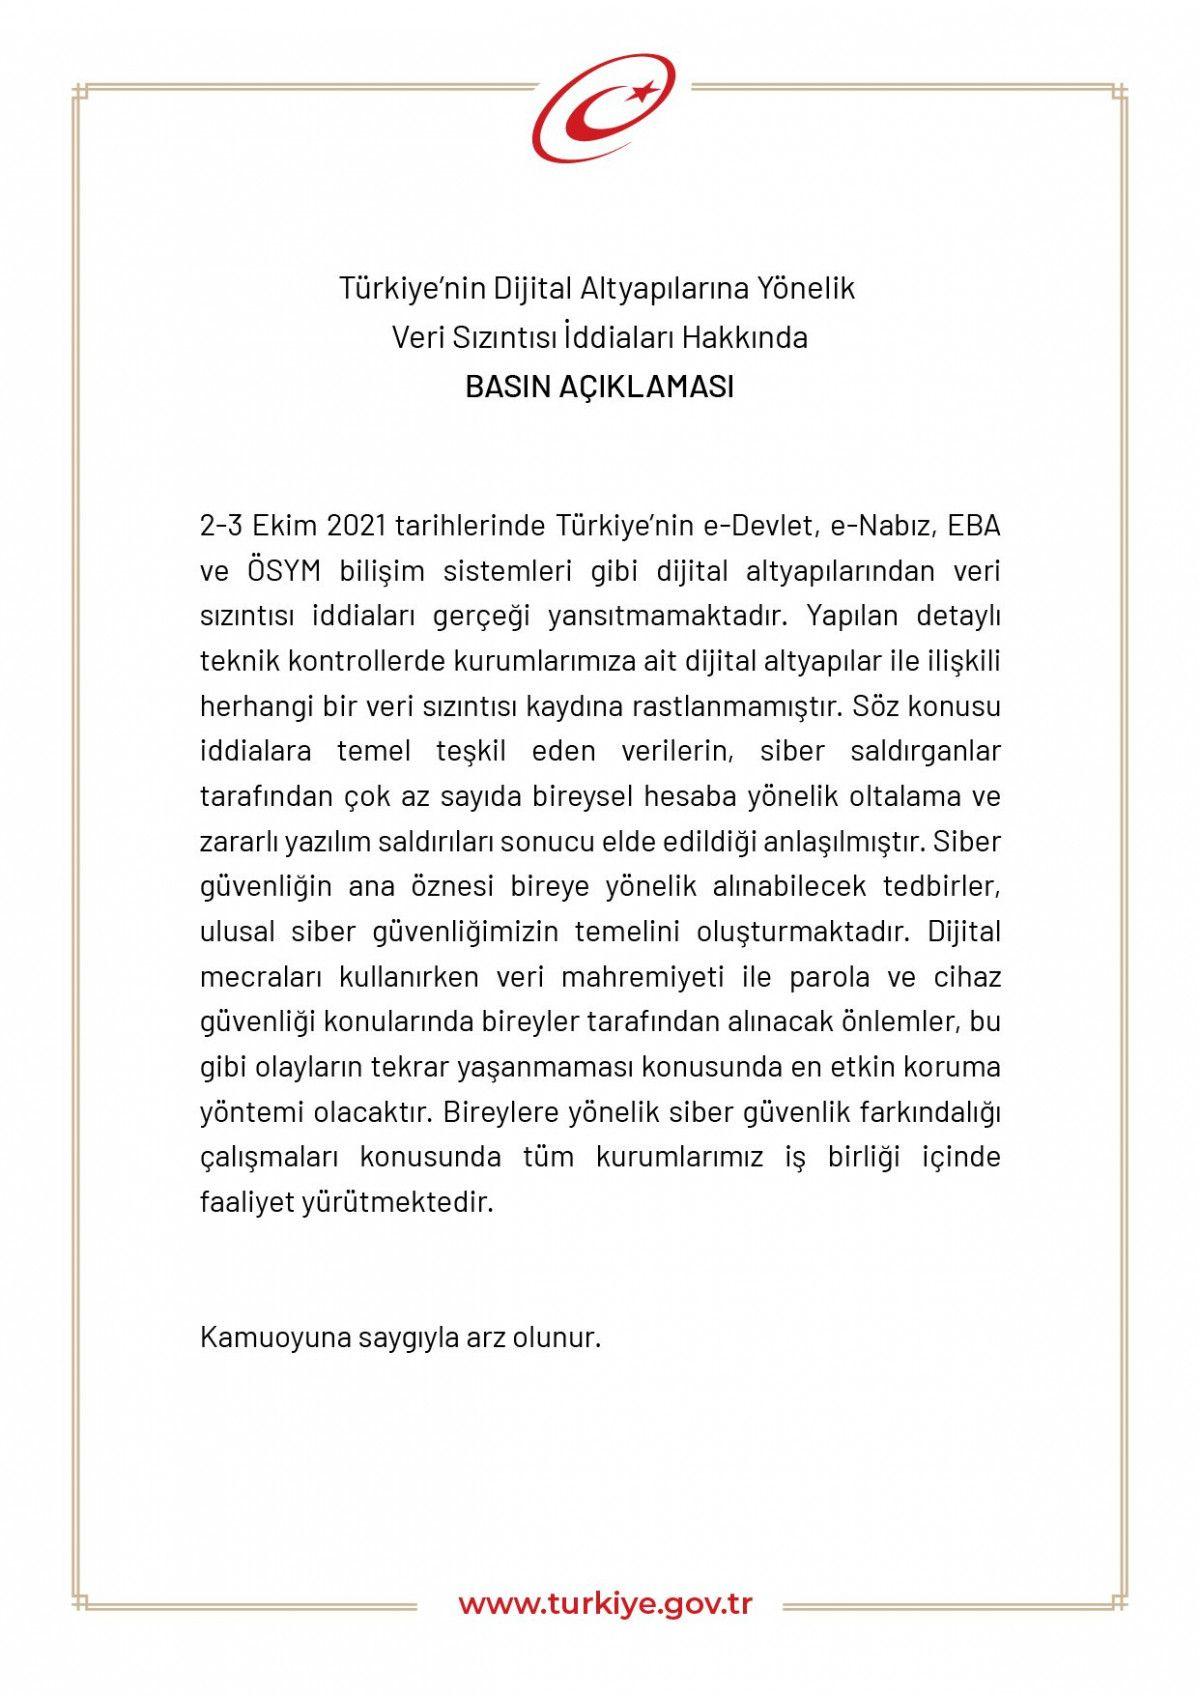 e-Devlet ten dijital veri sızıntısı iddialarına ilişkin açıklama #1